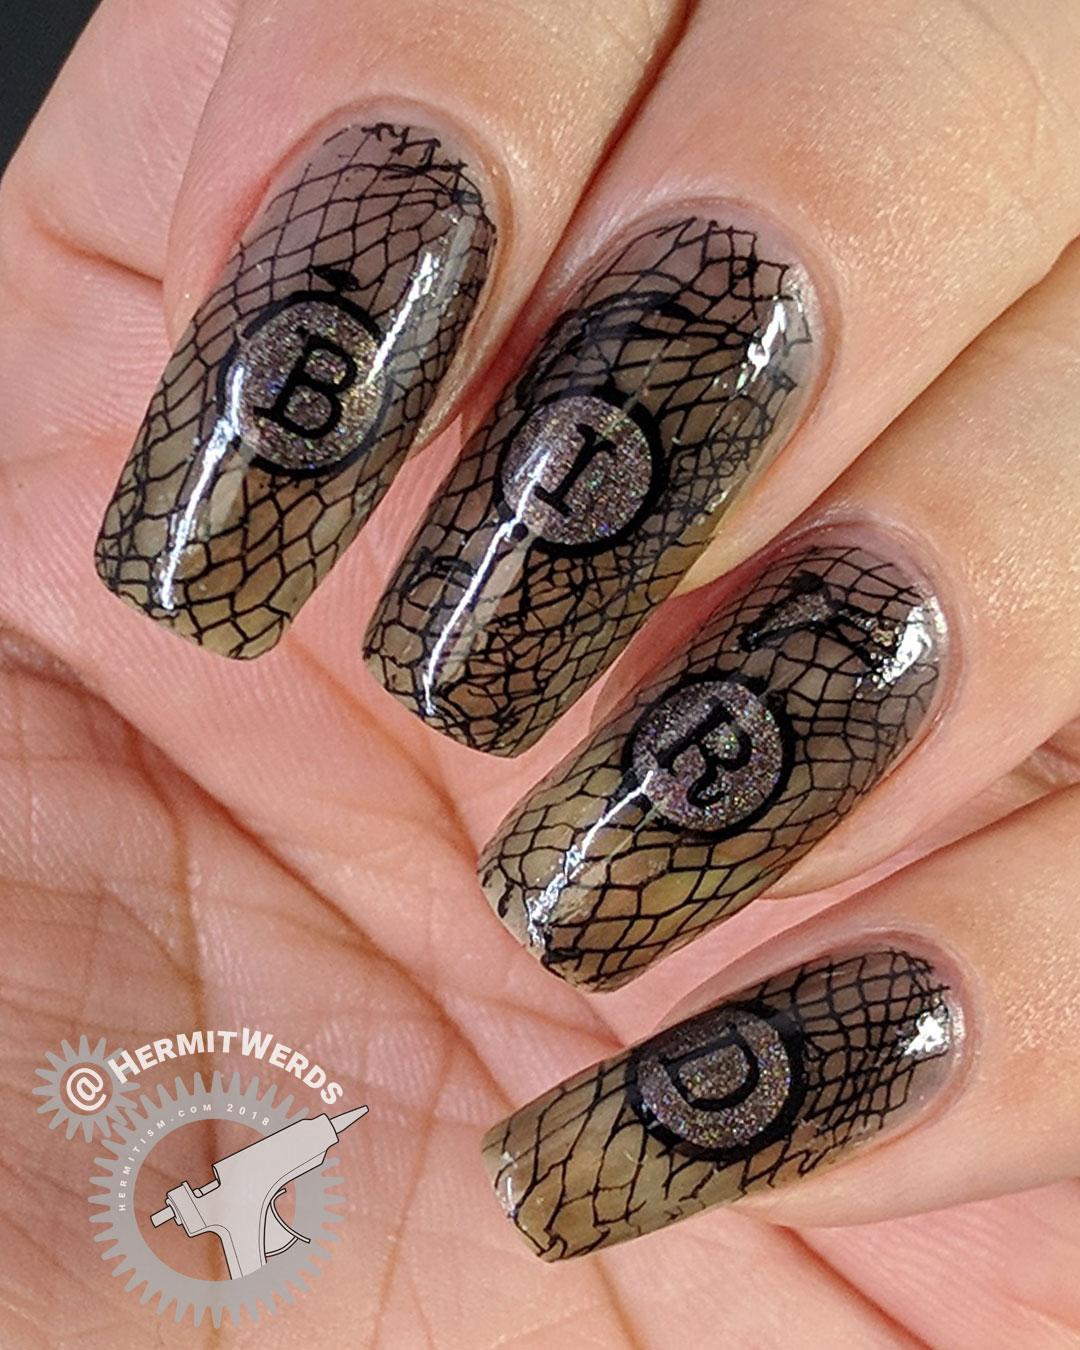 """Black Bird - Hermit Werds - black jelly nail art spelling out """"bird"""" with black birds in flight"""